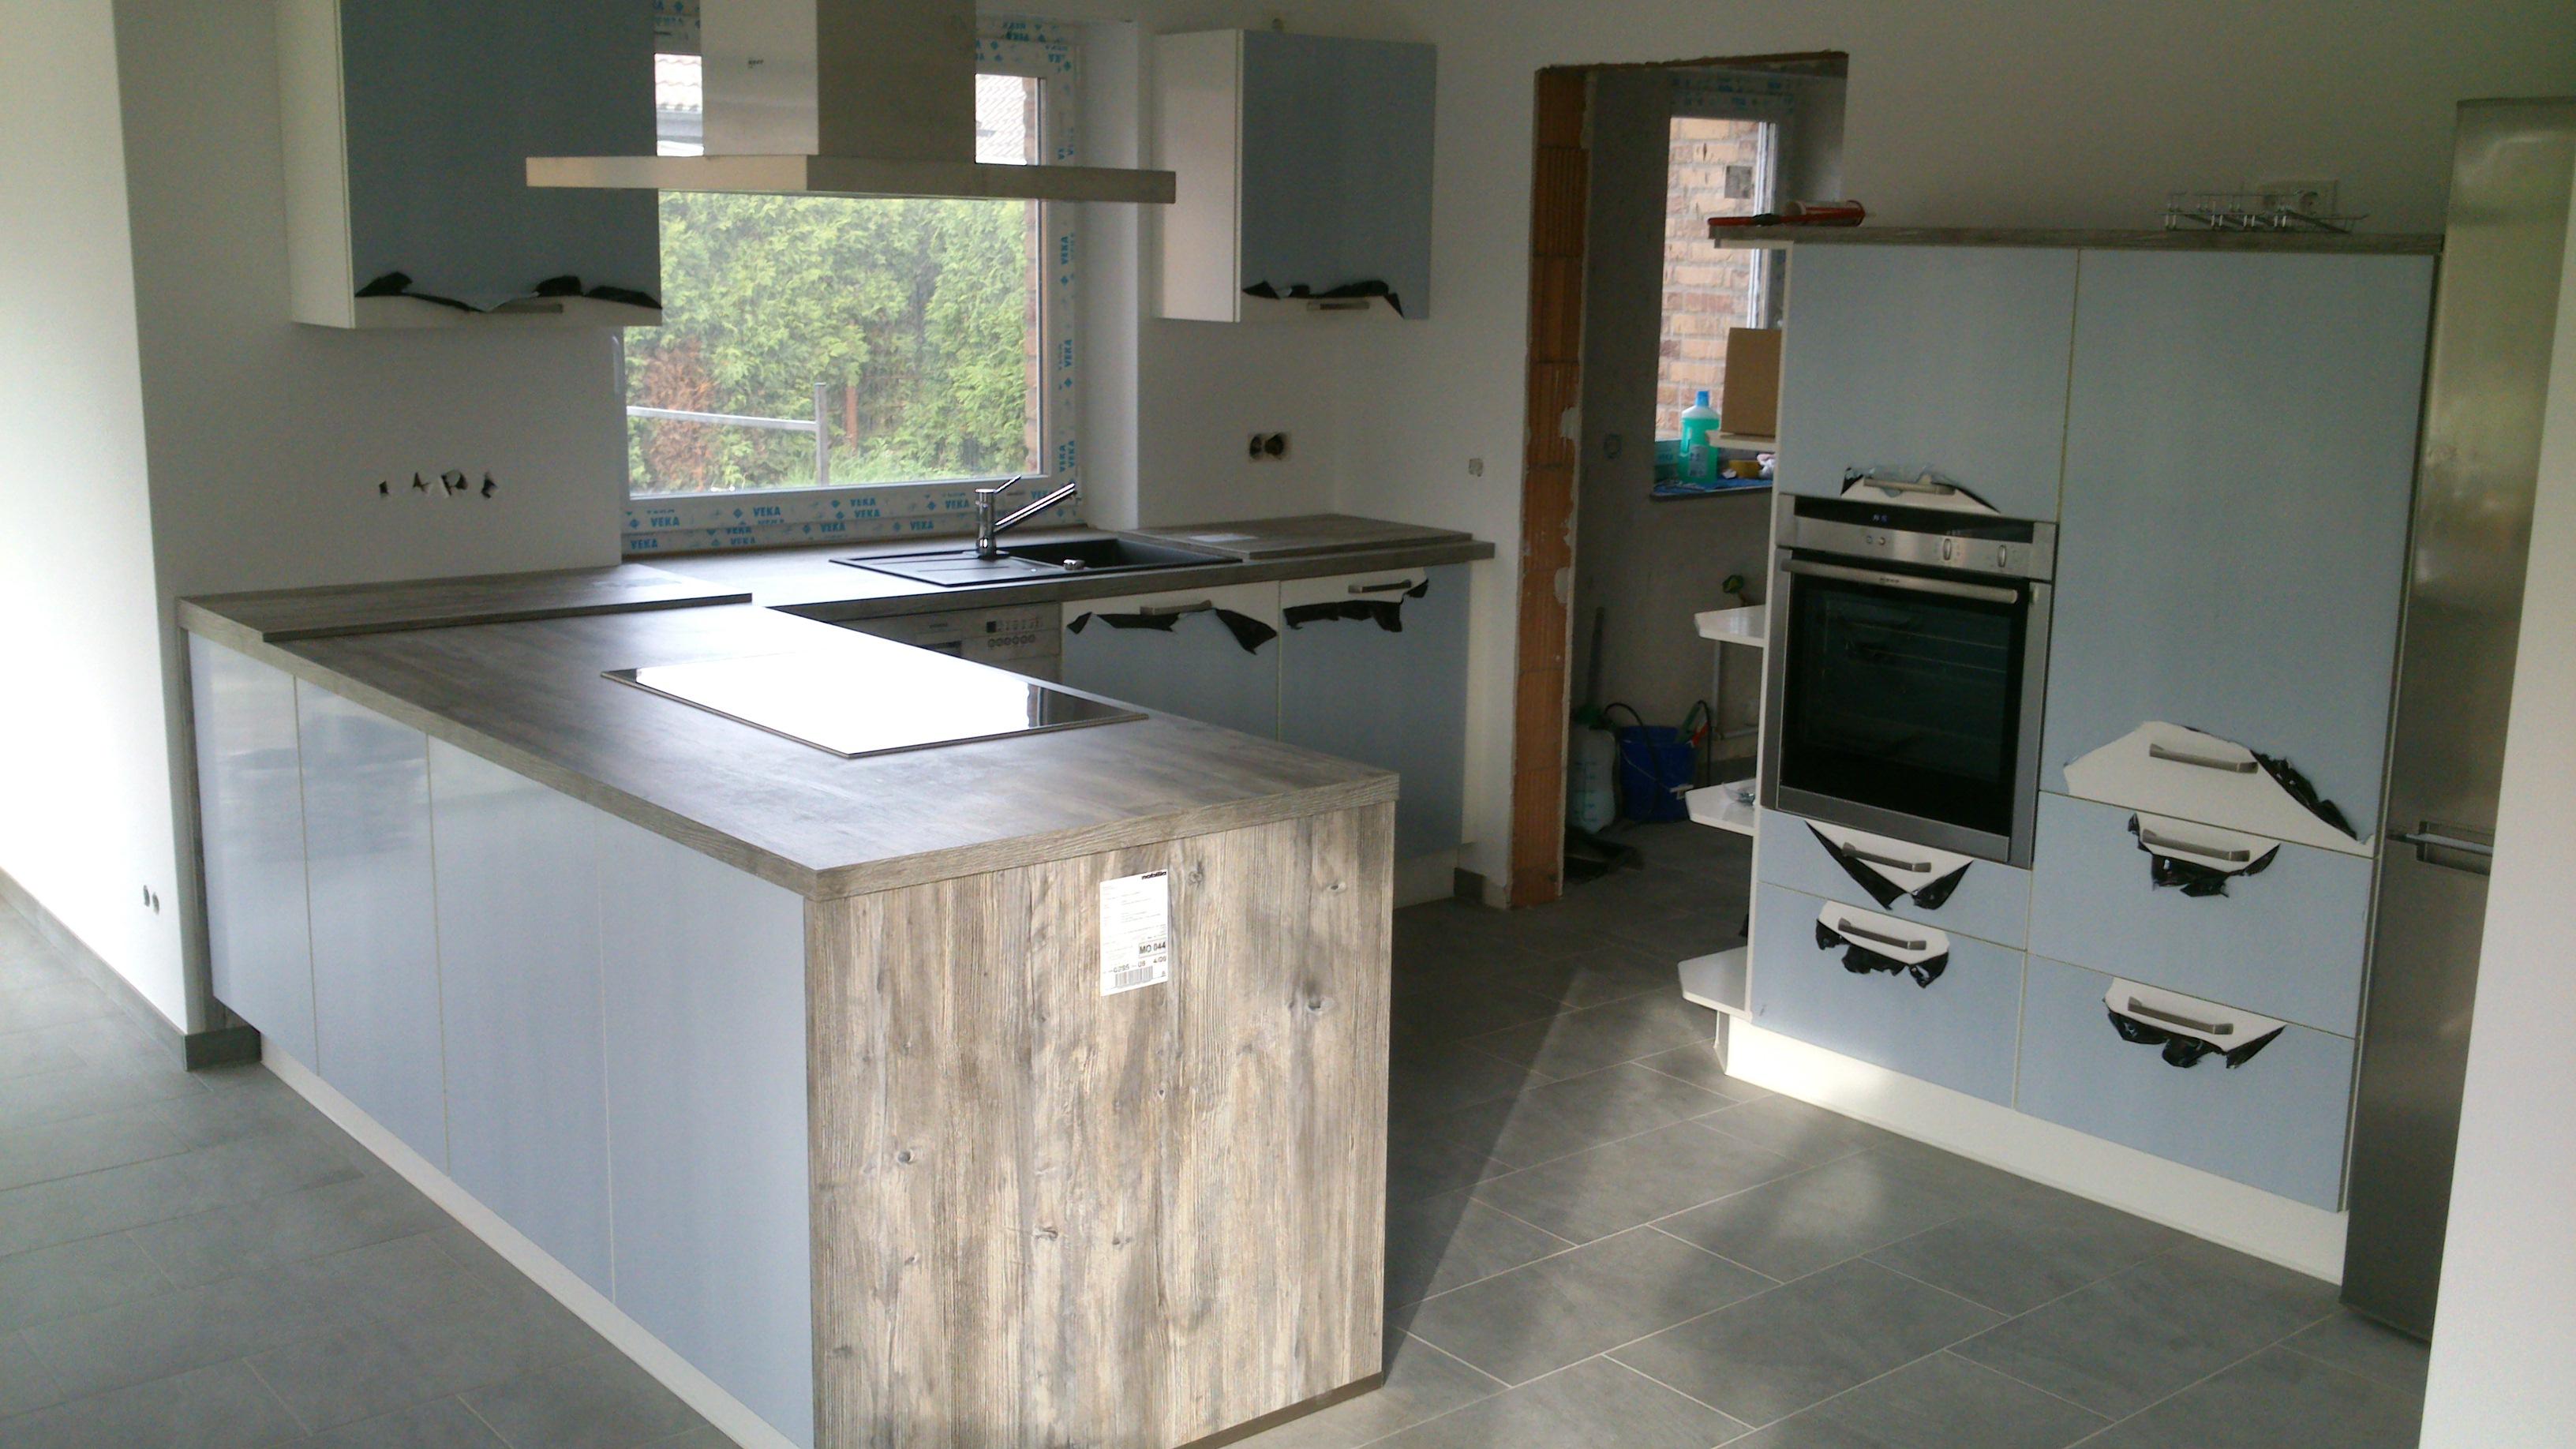 Arbeitsplatte Küche Outdoor Pine : Arbeitsplatte küche holz günstig unterschrank schubladen küche